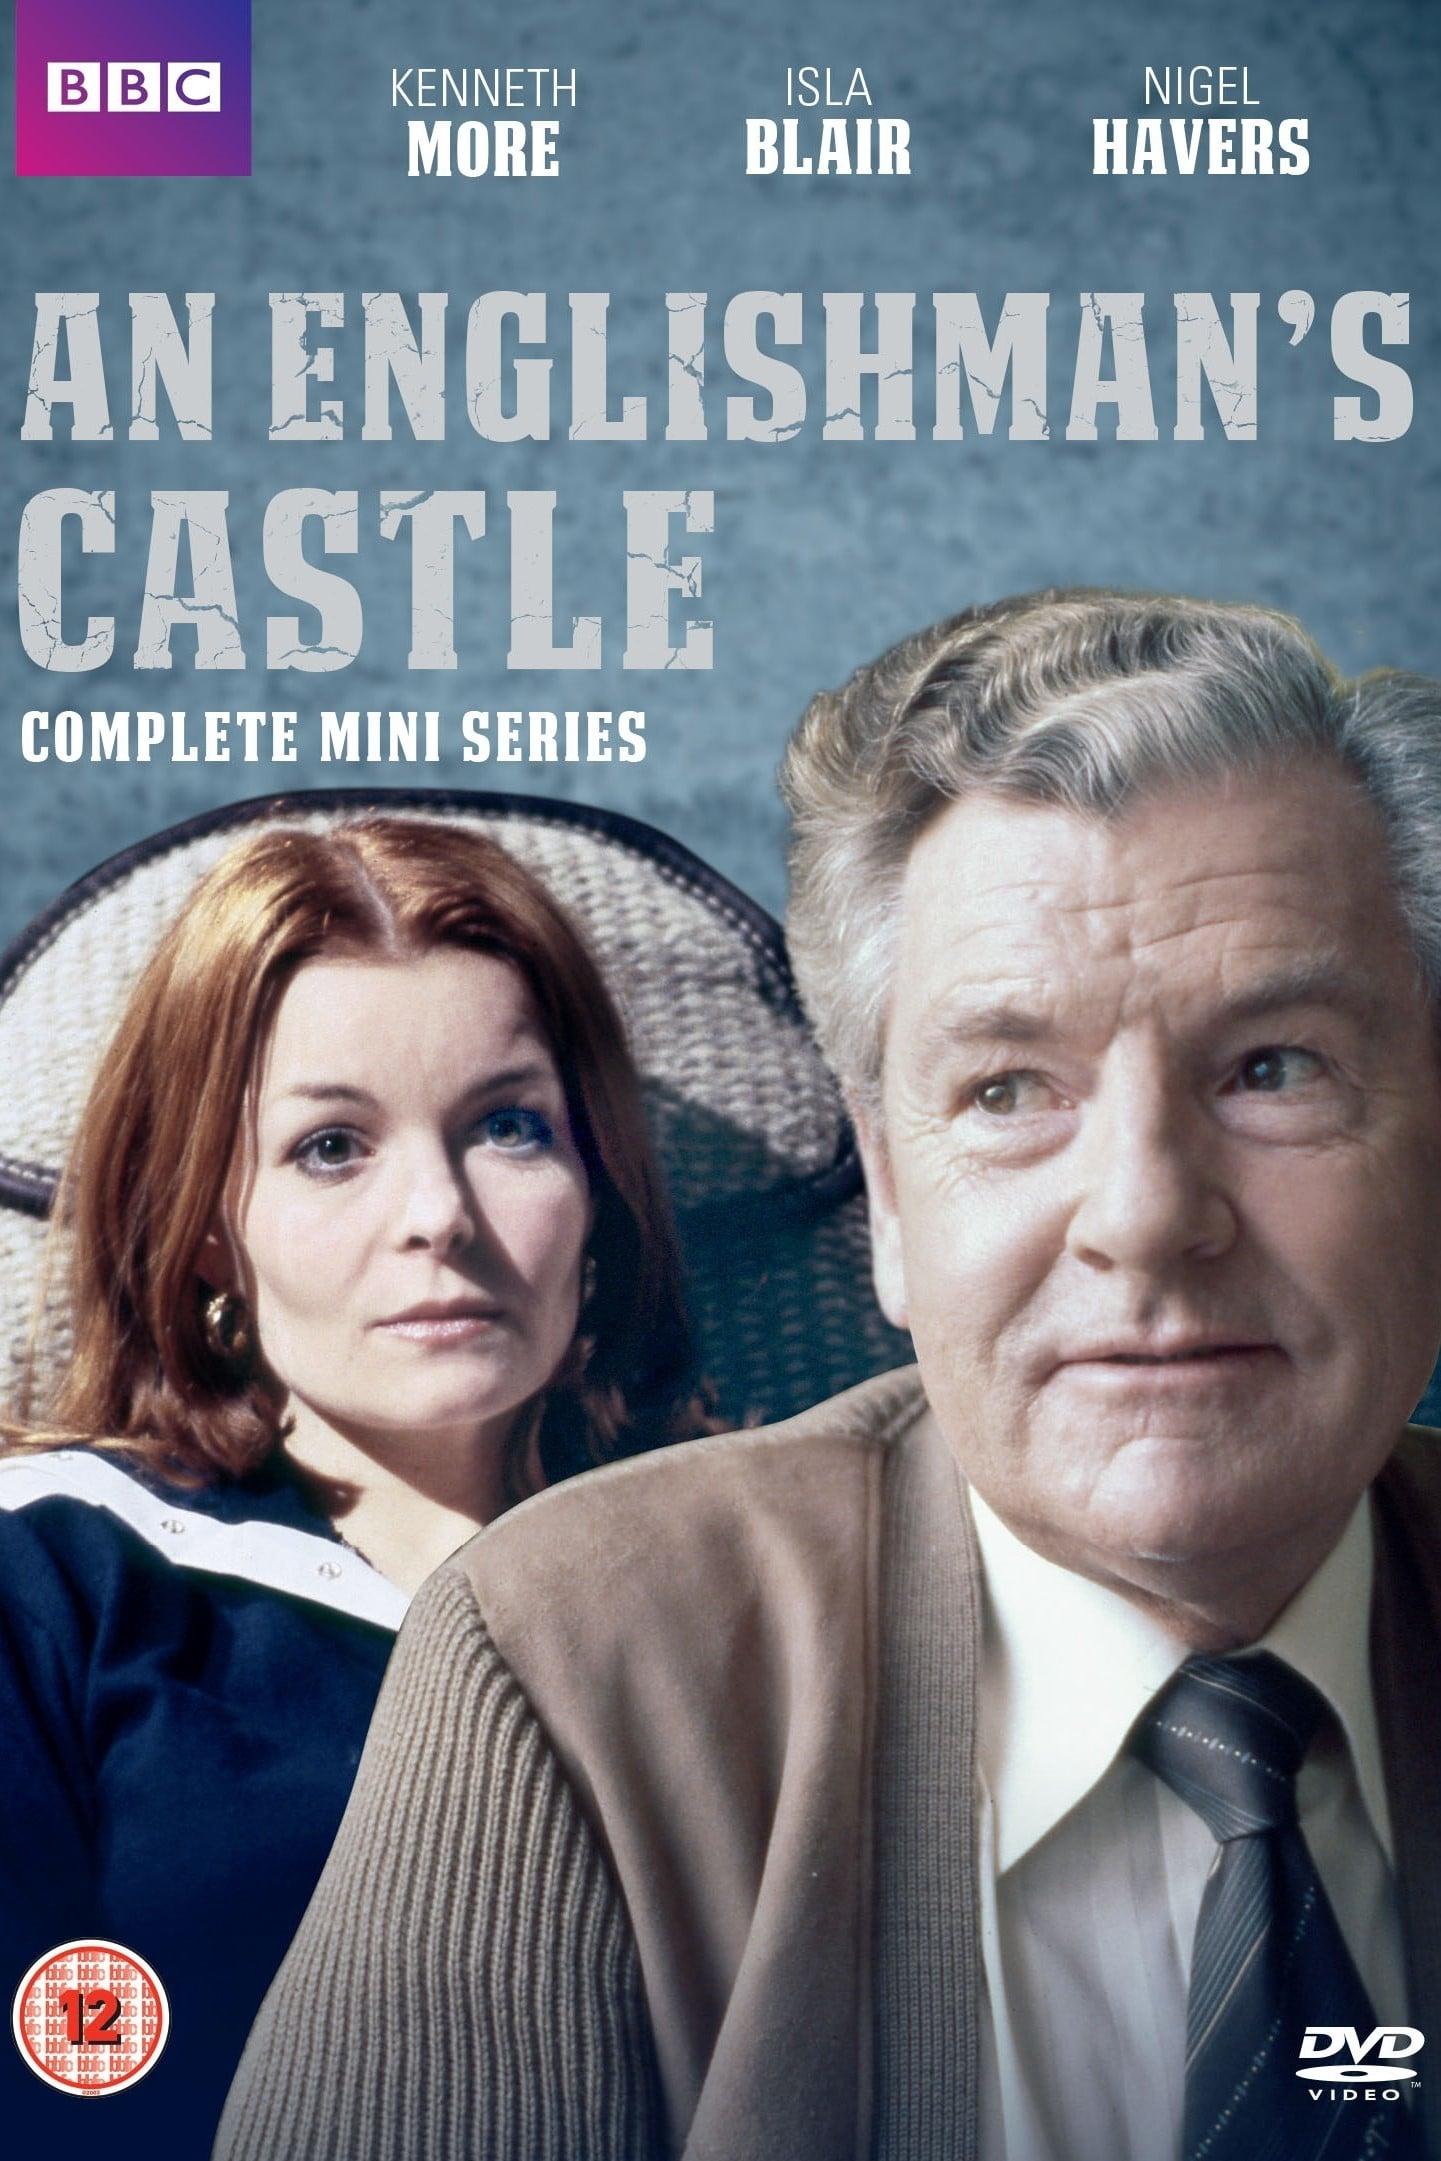 An Englishman's Castle (1978)